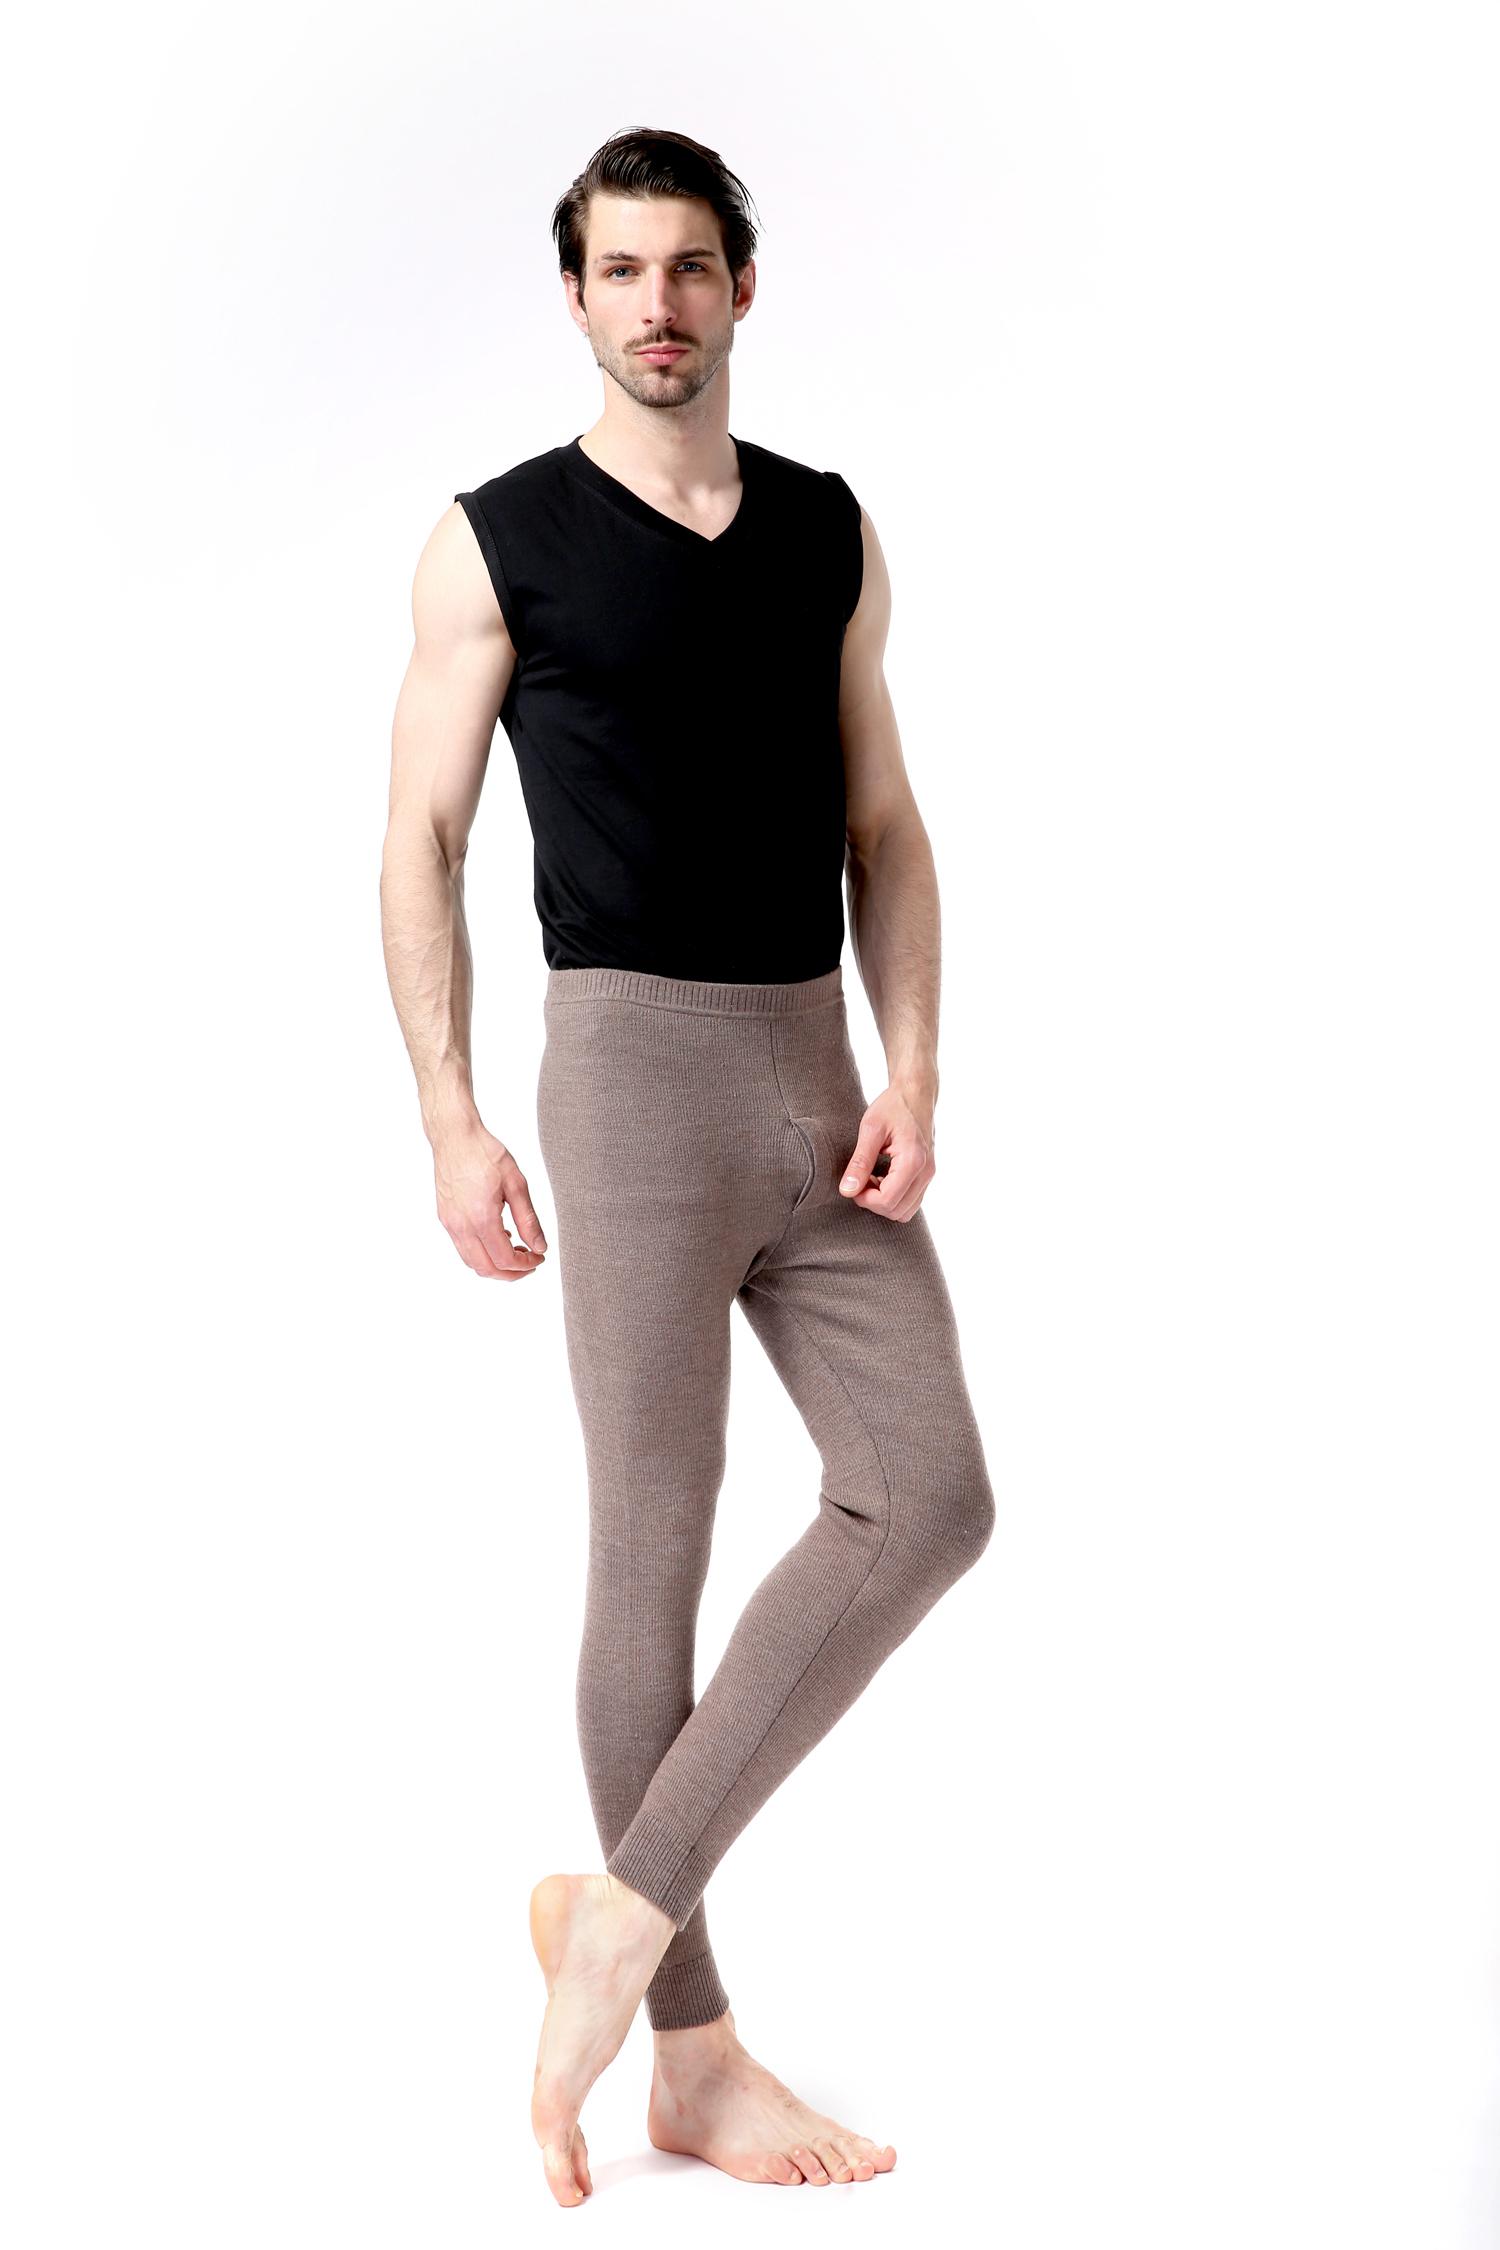 个性男士打底绒裤——信誉好的都兰诺斯澳毛男抽条裤选哪家